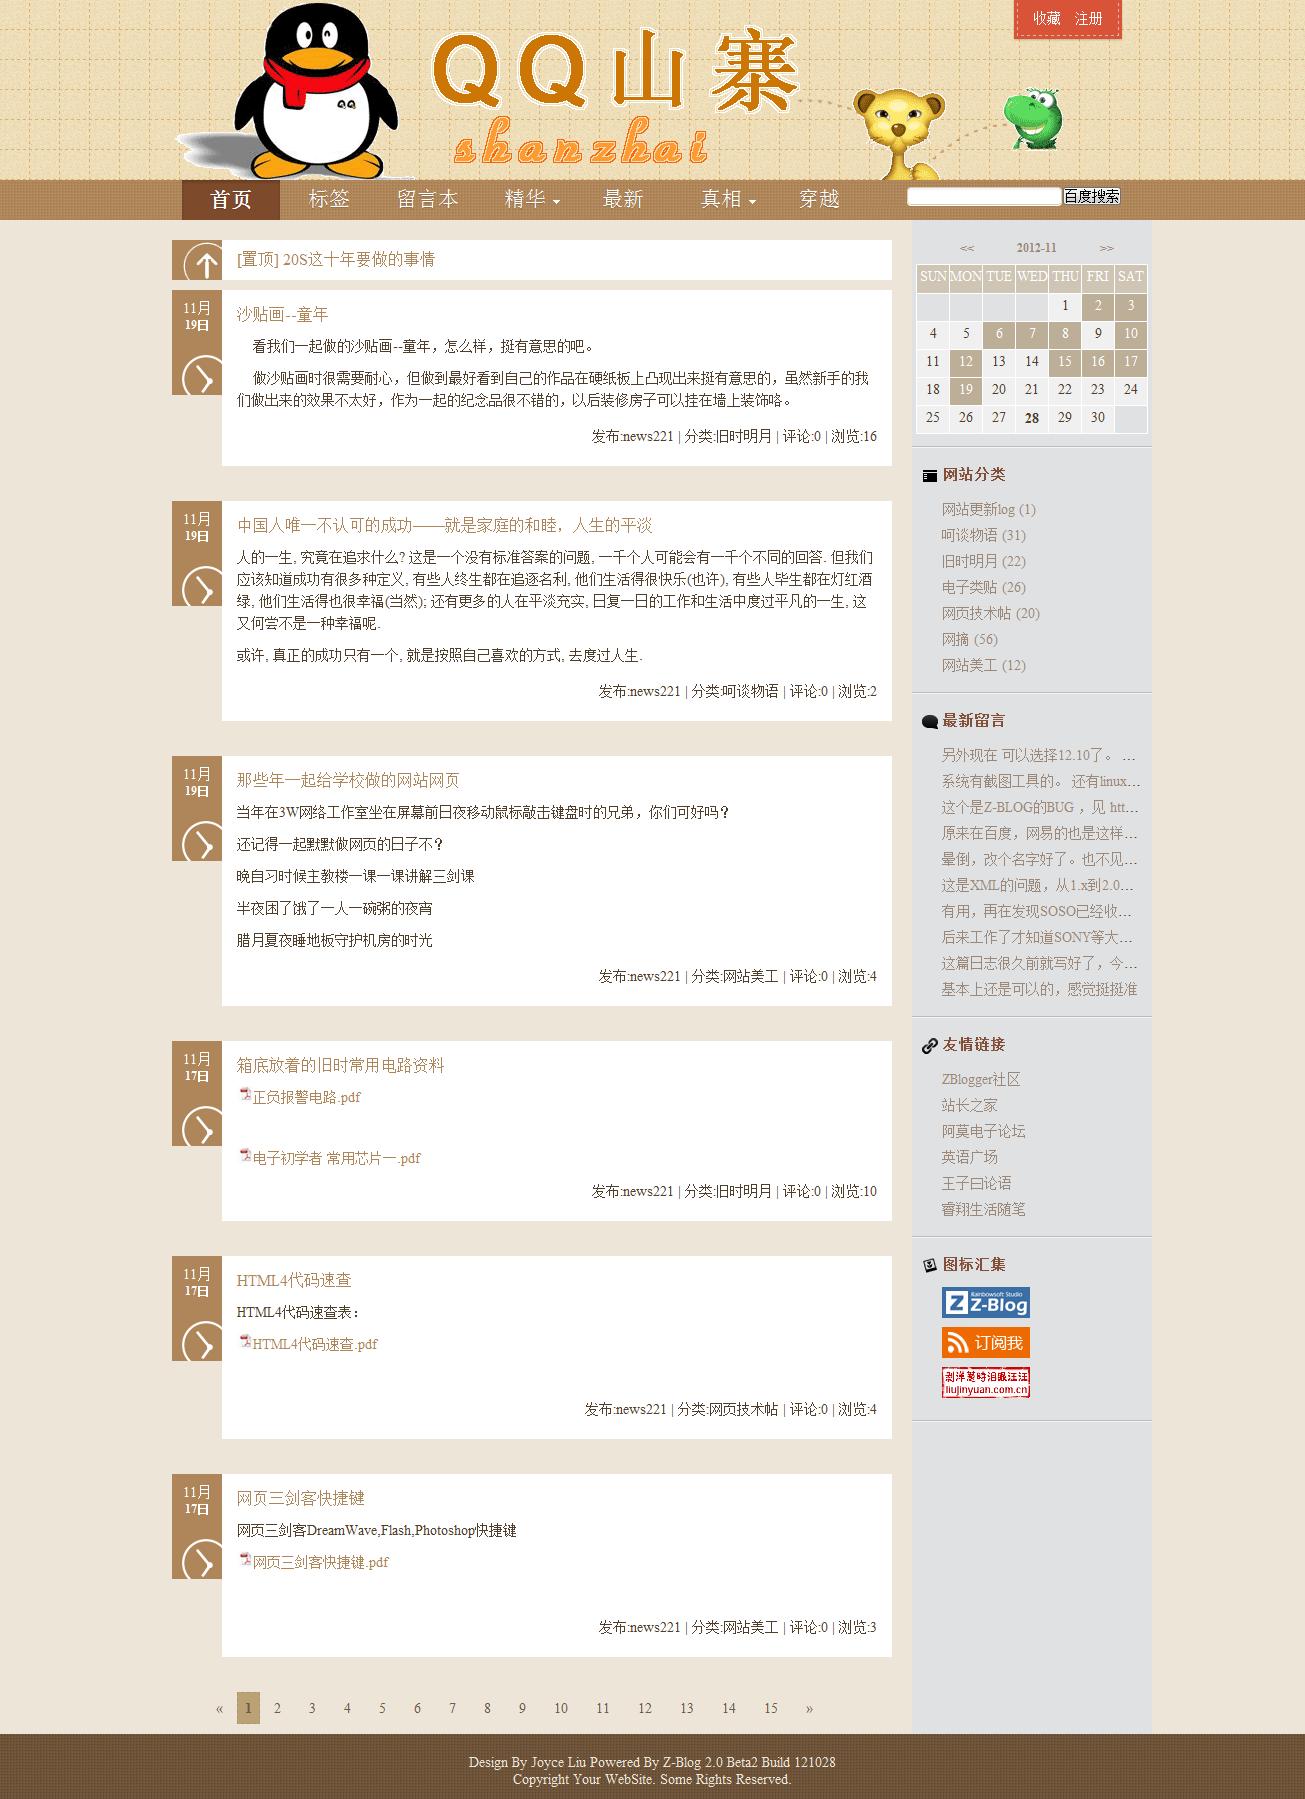 适用于Z-BLOG的QQ山寨模板发布